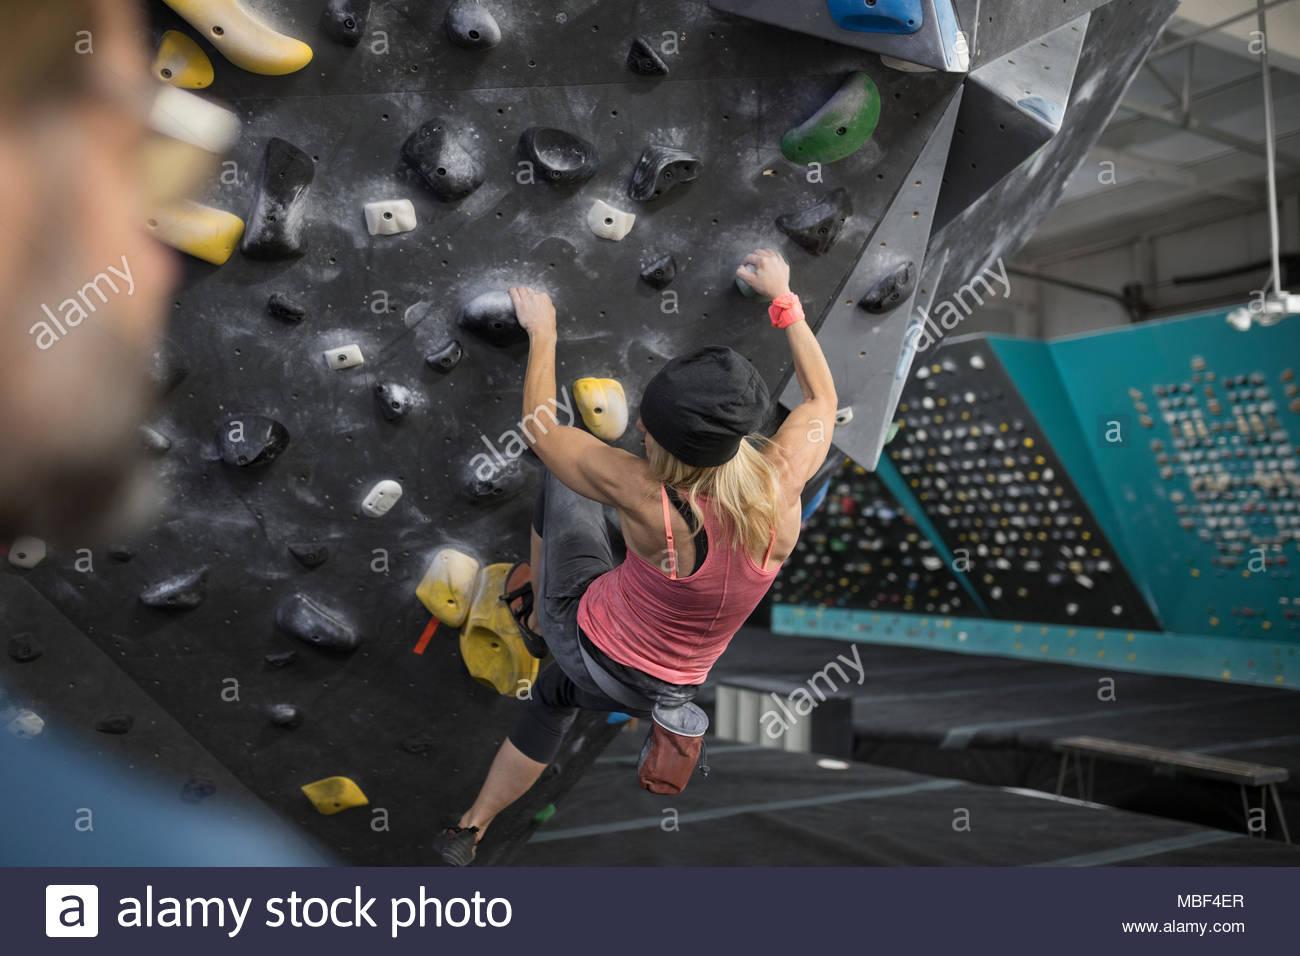 Strong, tough young female rock climber mur d'escalade à l'escalade Photo Stock